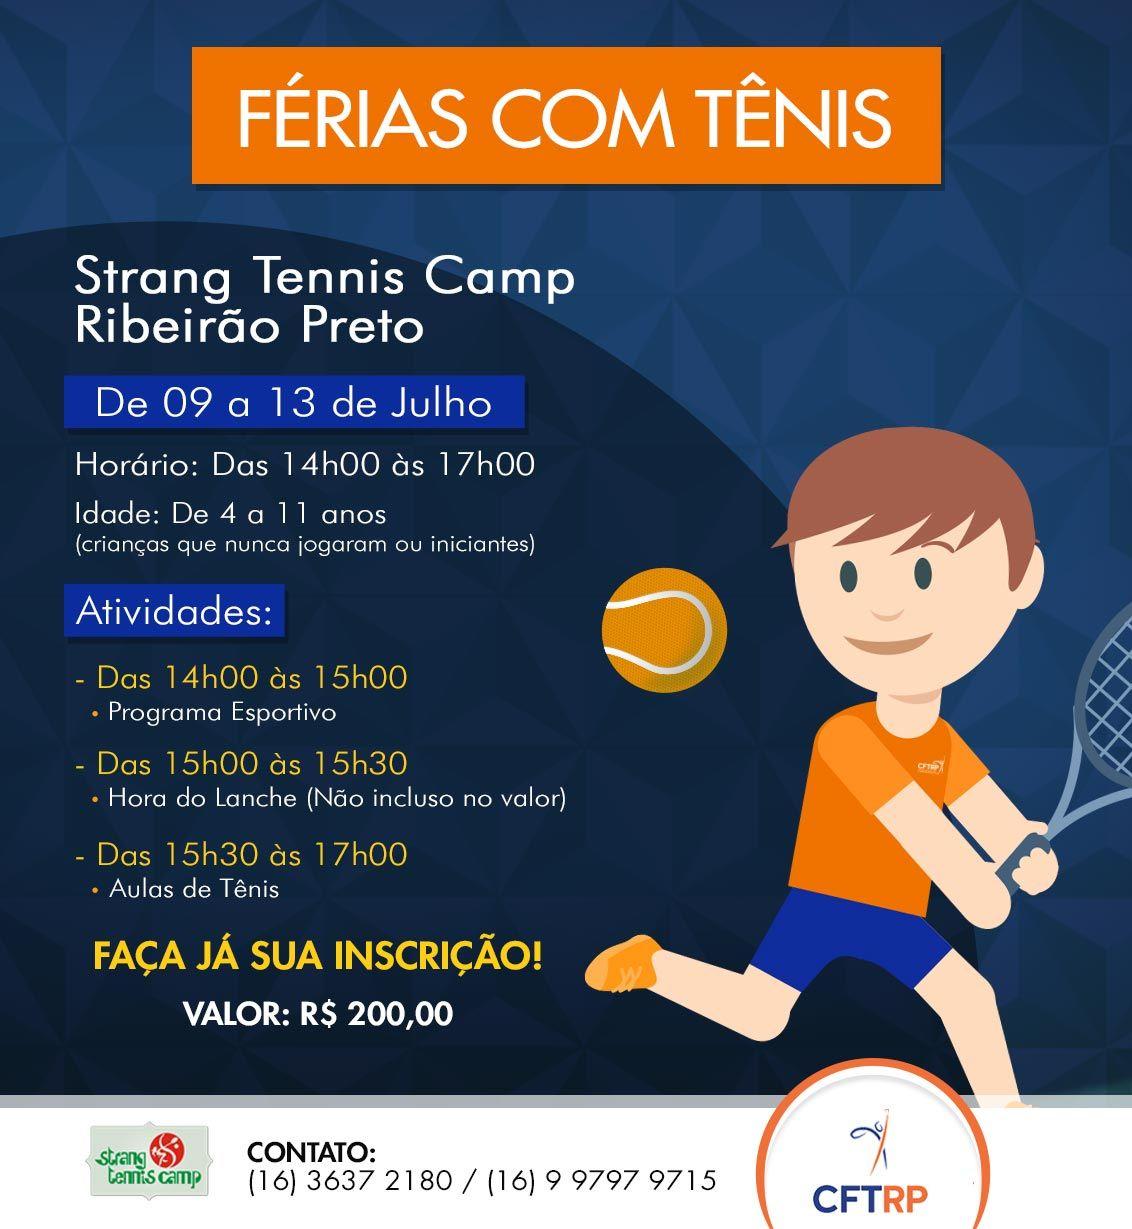 Férias com tênis para crianças